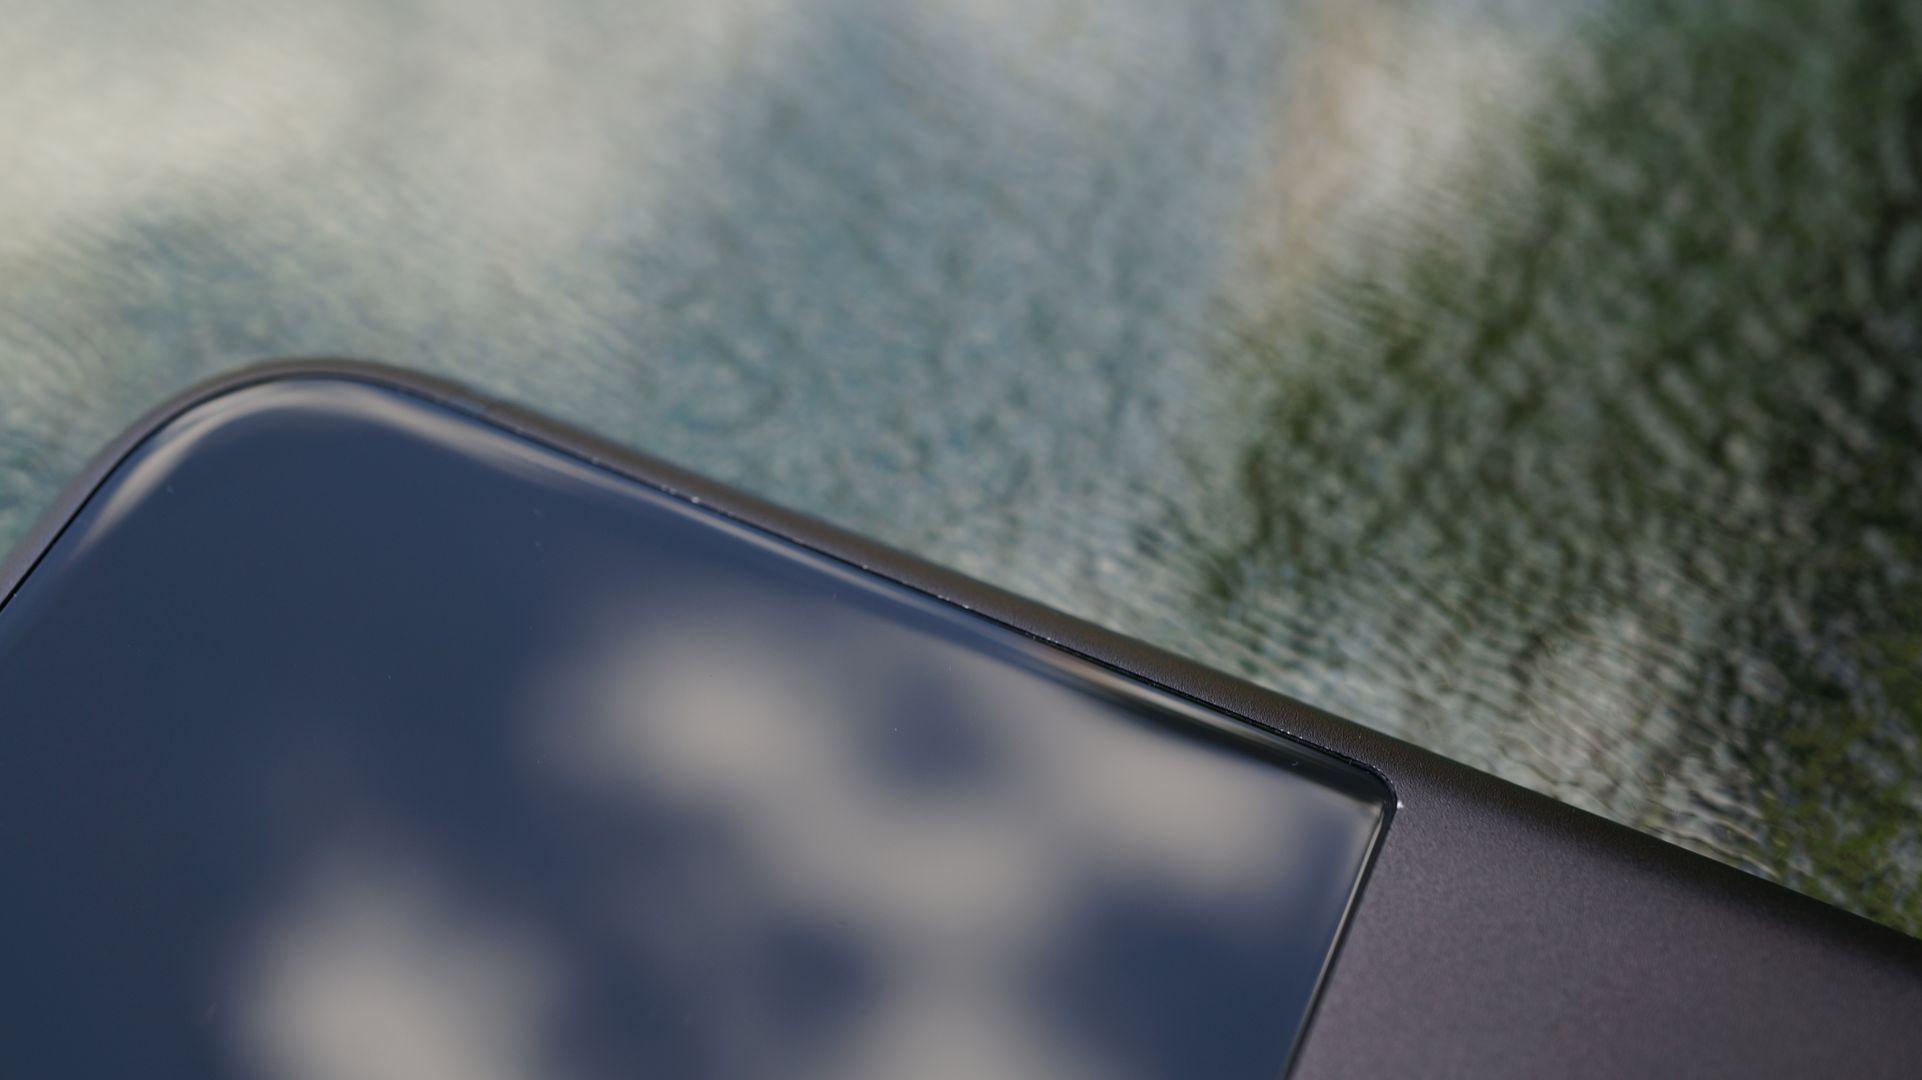 En mindre konstruktionsmiss på vårt exemplar av Pixel XL, där glasstycket sitter några tiondelar av en millimeter för djupt försänkt i metallchassit, skapar obekväma och vassa metallkanter som sticker ut, och den grå färgen skavs bort.